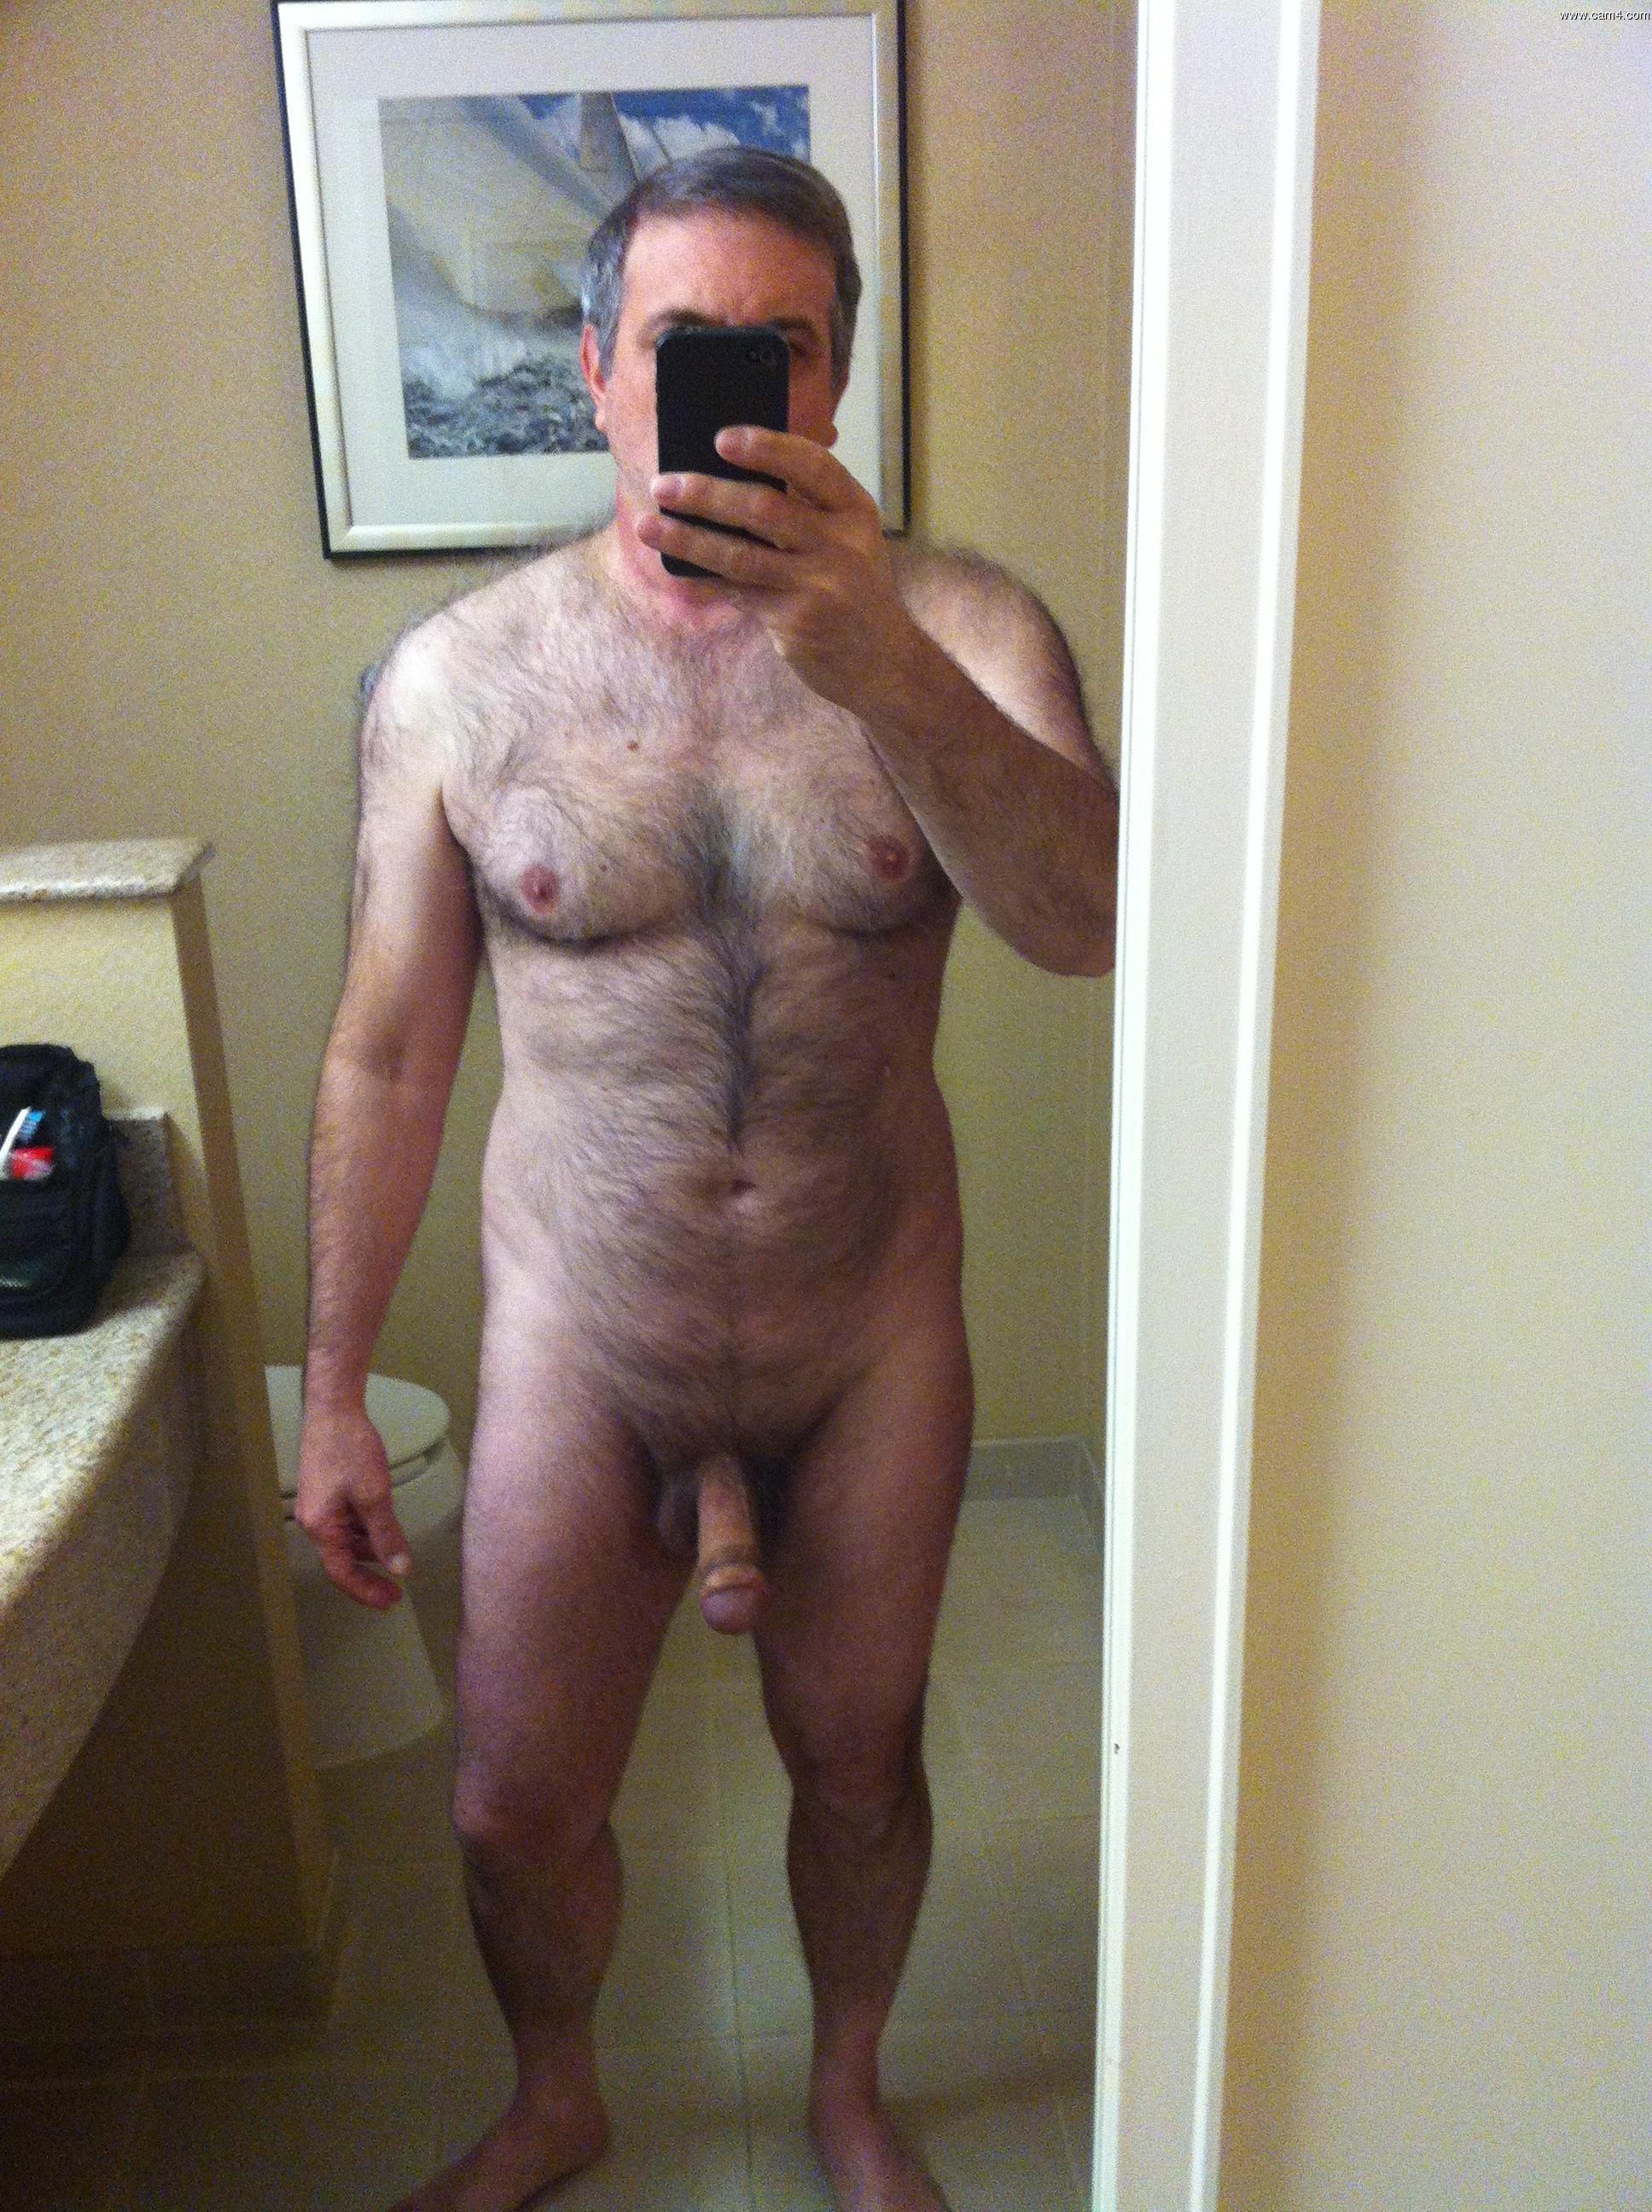 Real mississippi nude men